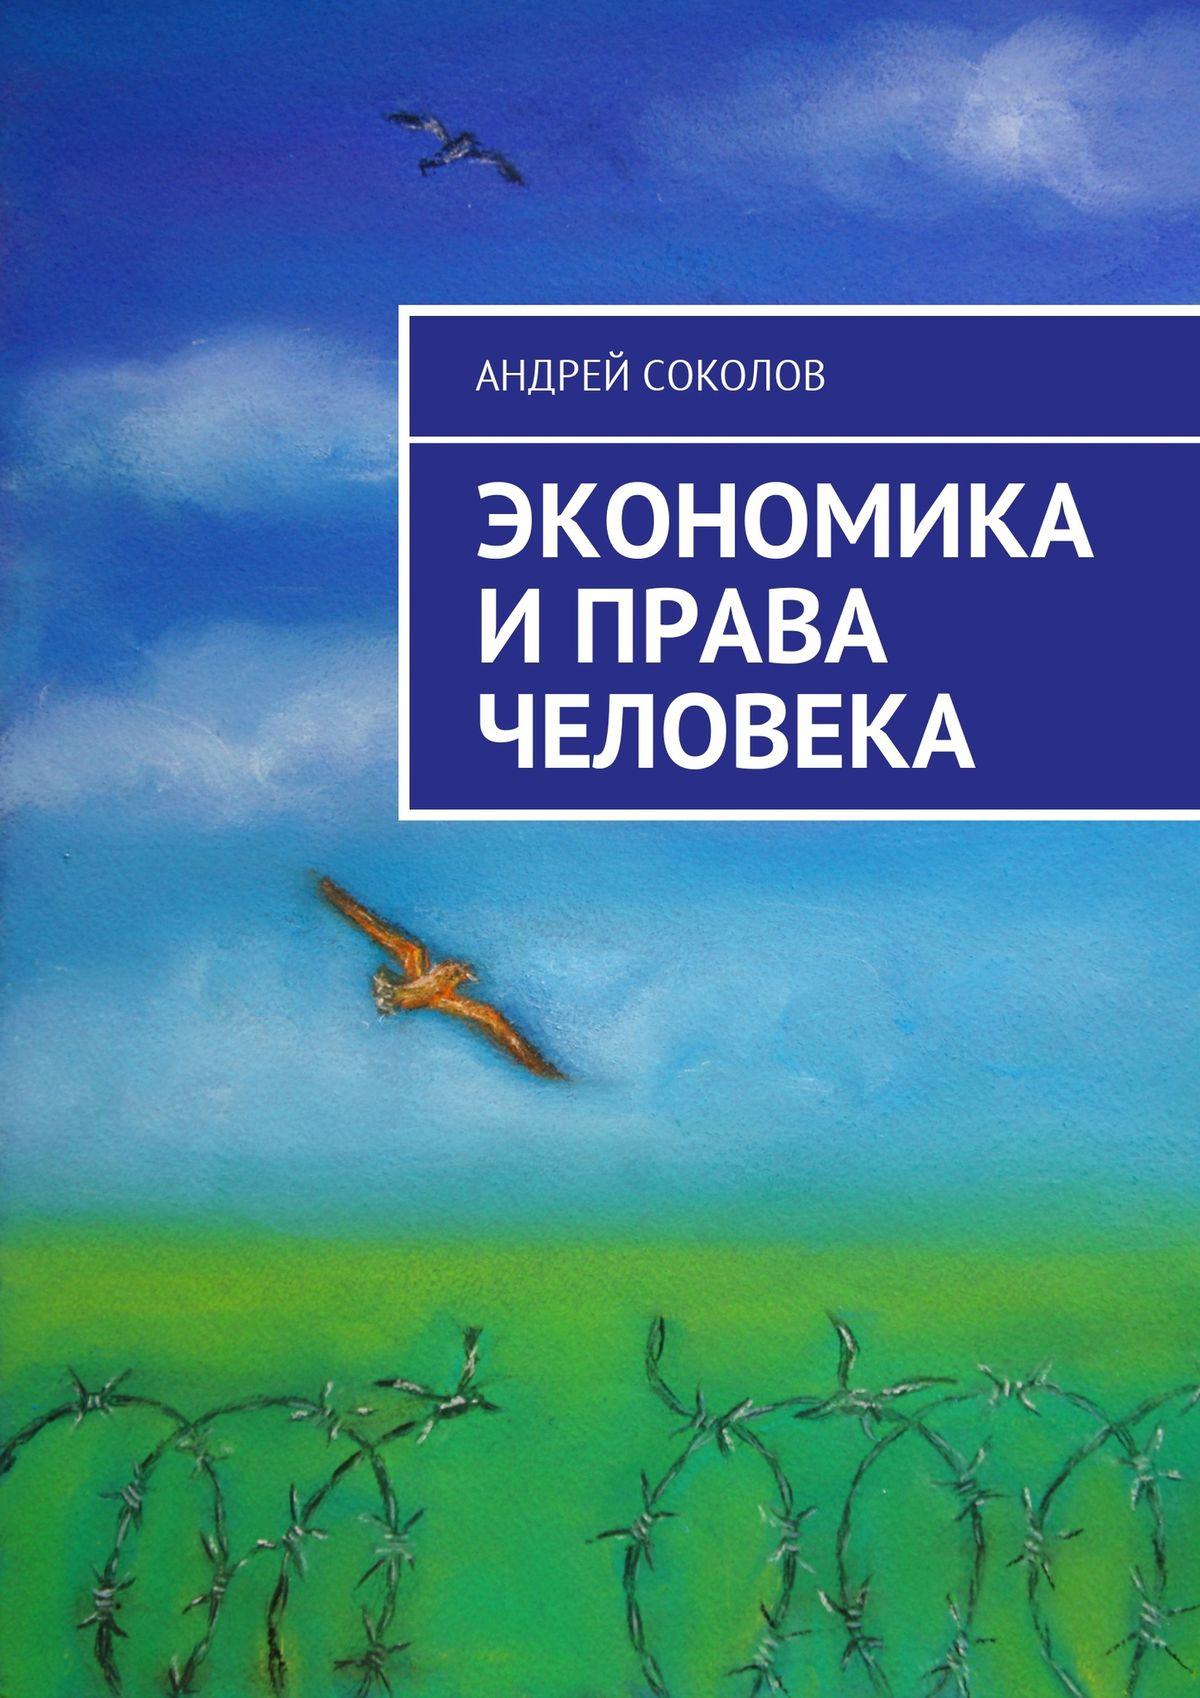 Андрей Соколов Экономика и права человека